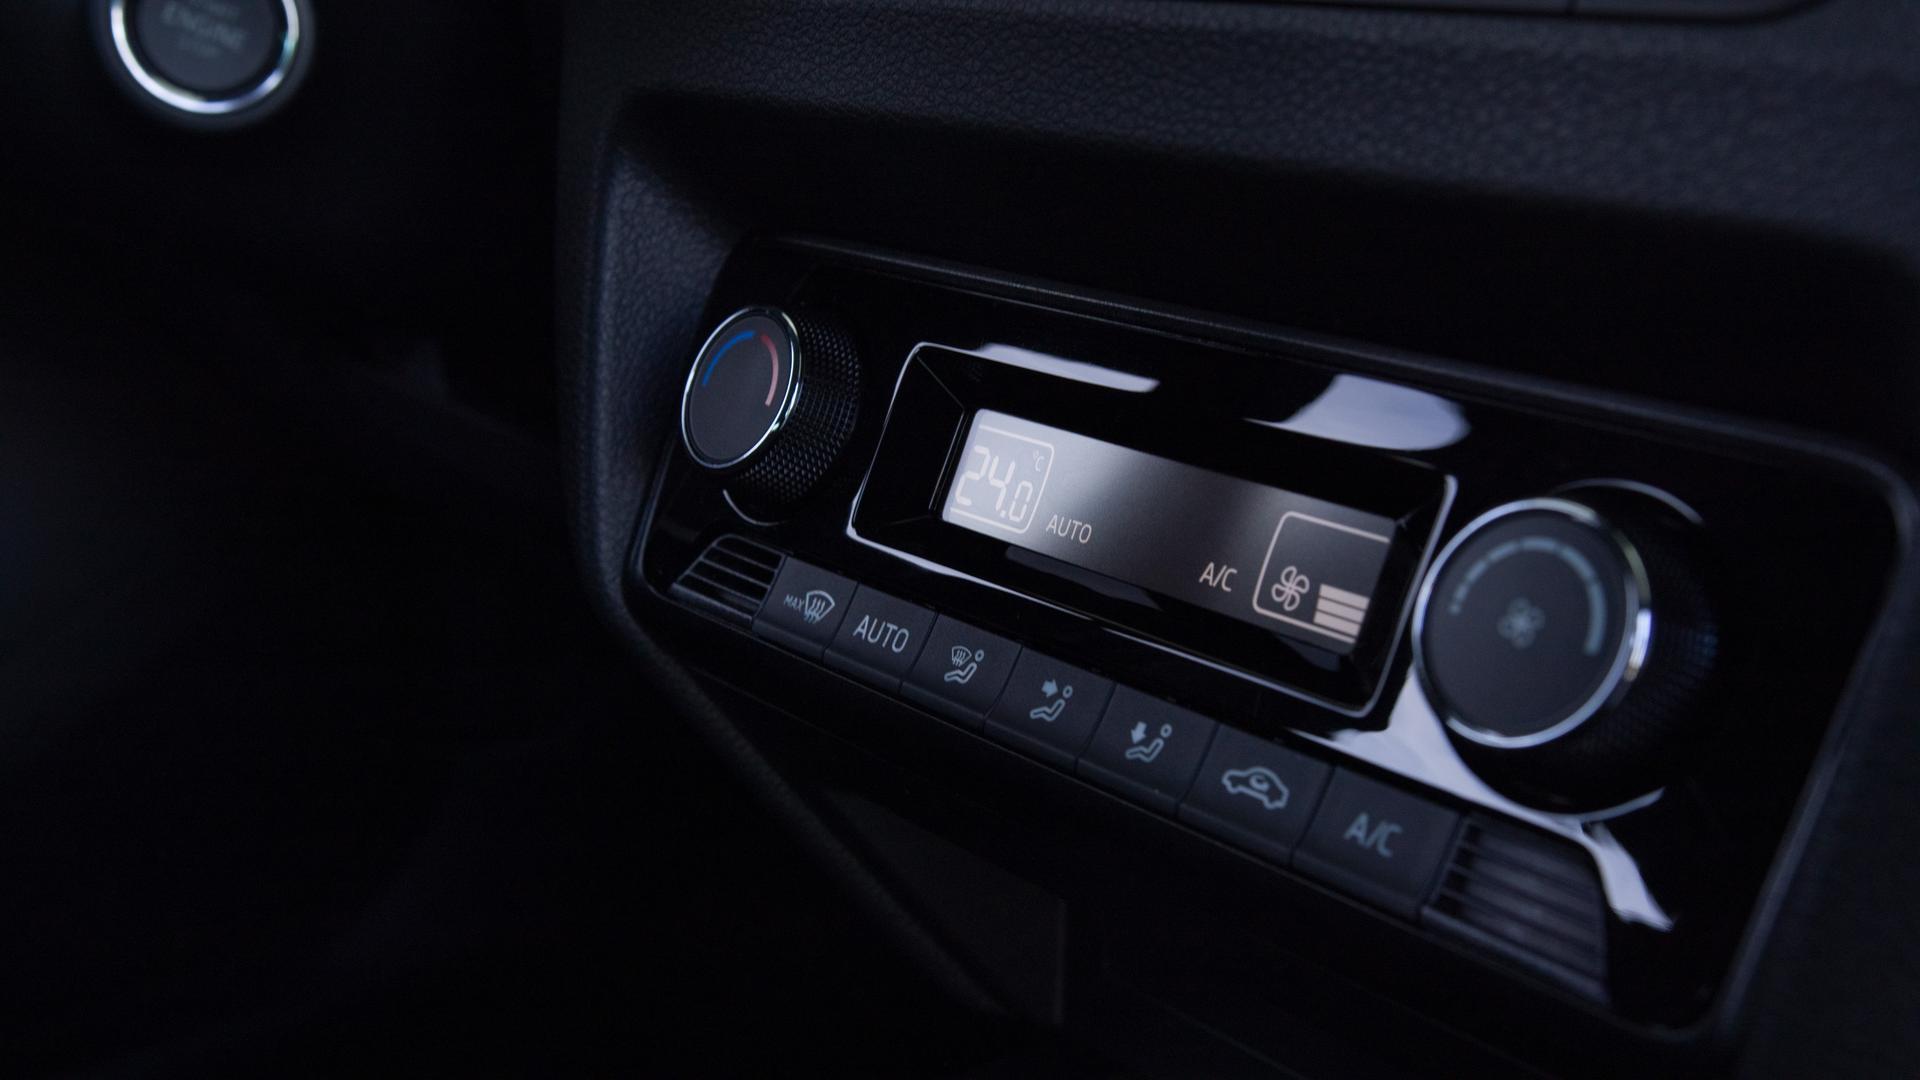 Skoda Fabia Combi 1.0 TSI Scheinwerfer  Innenraum Klimaanlage